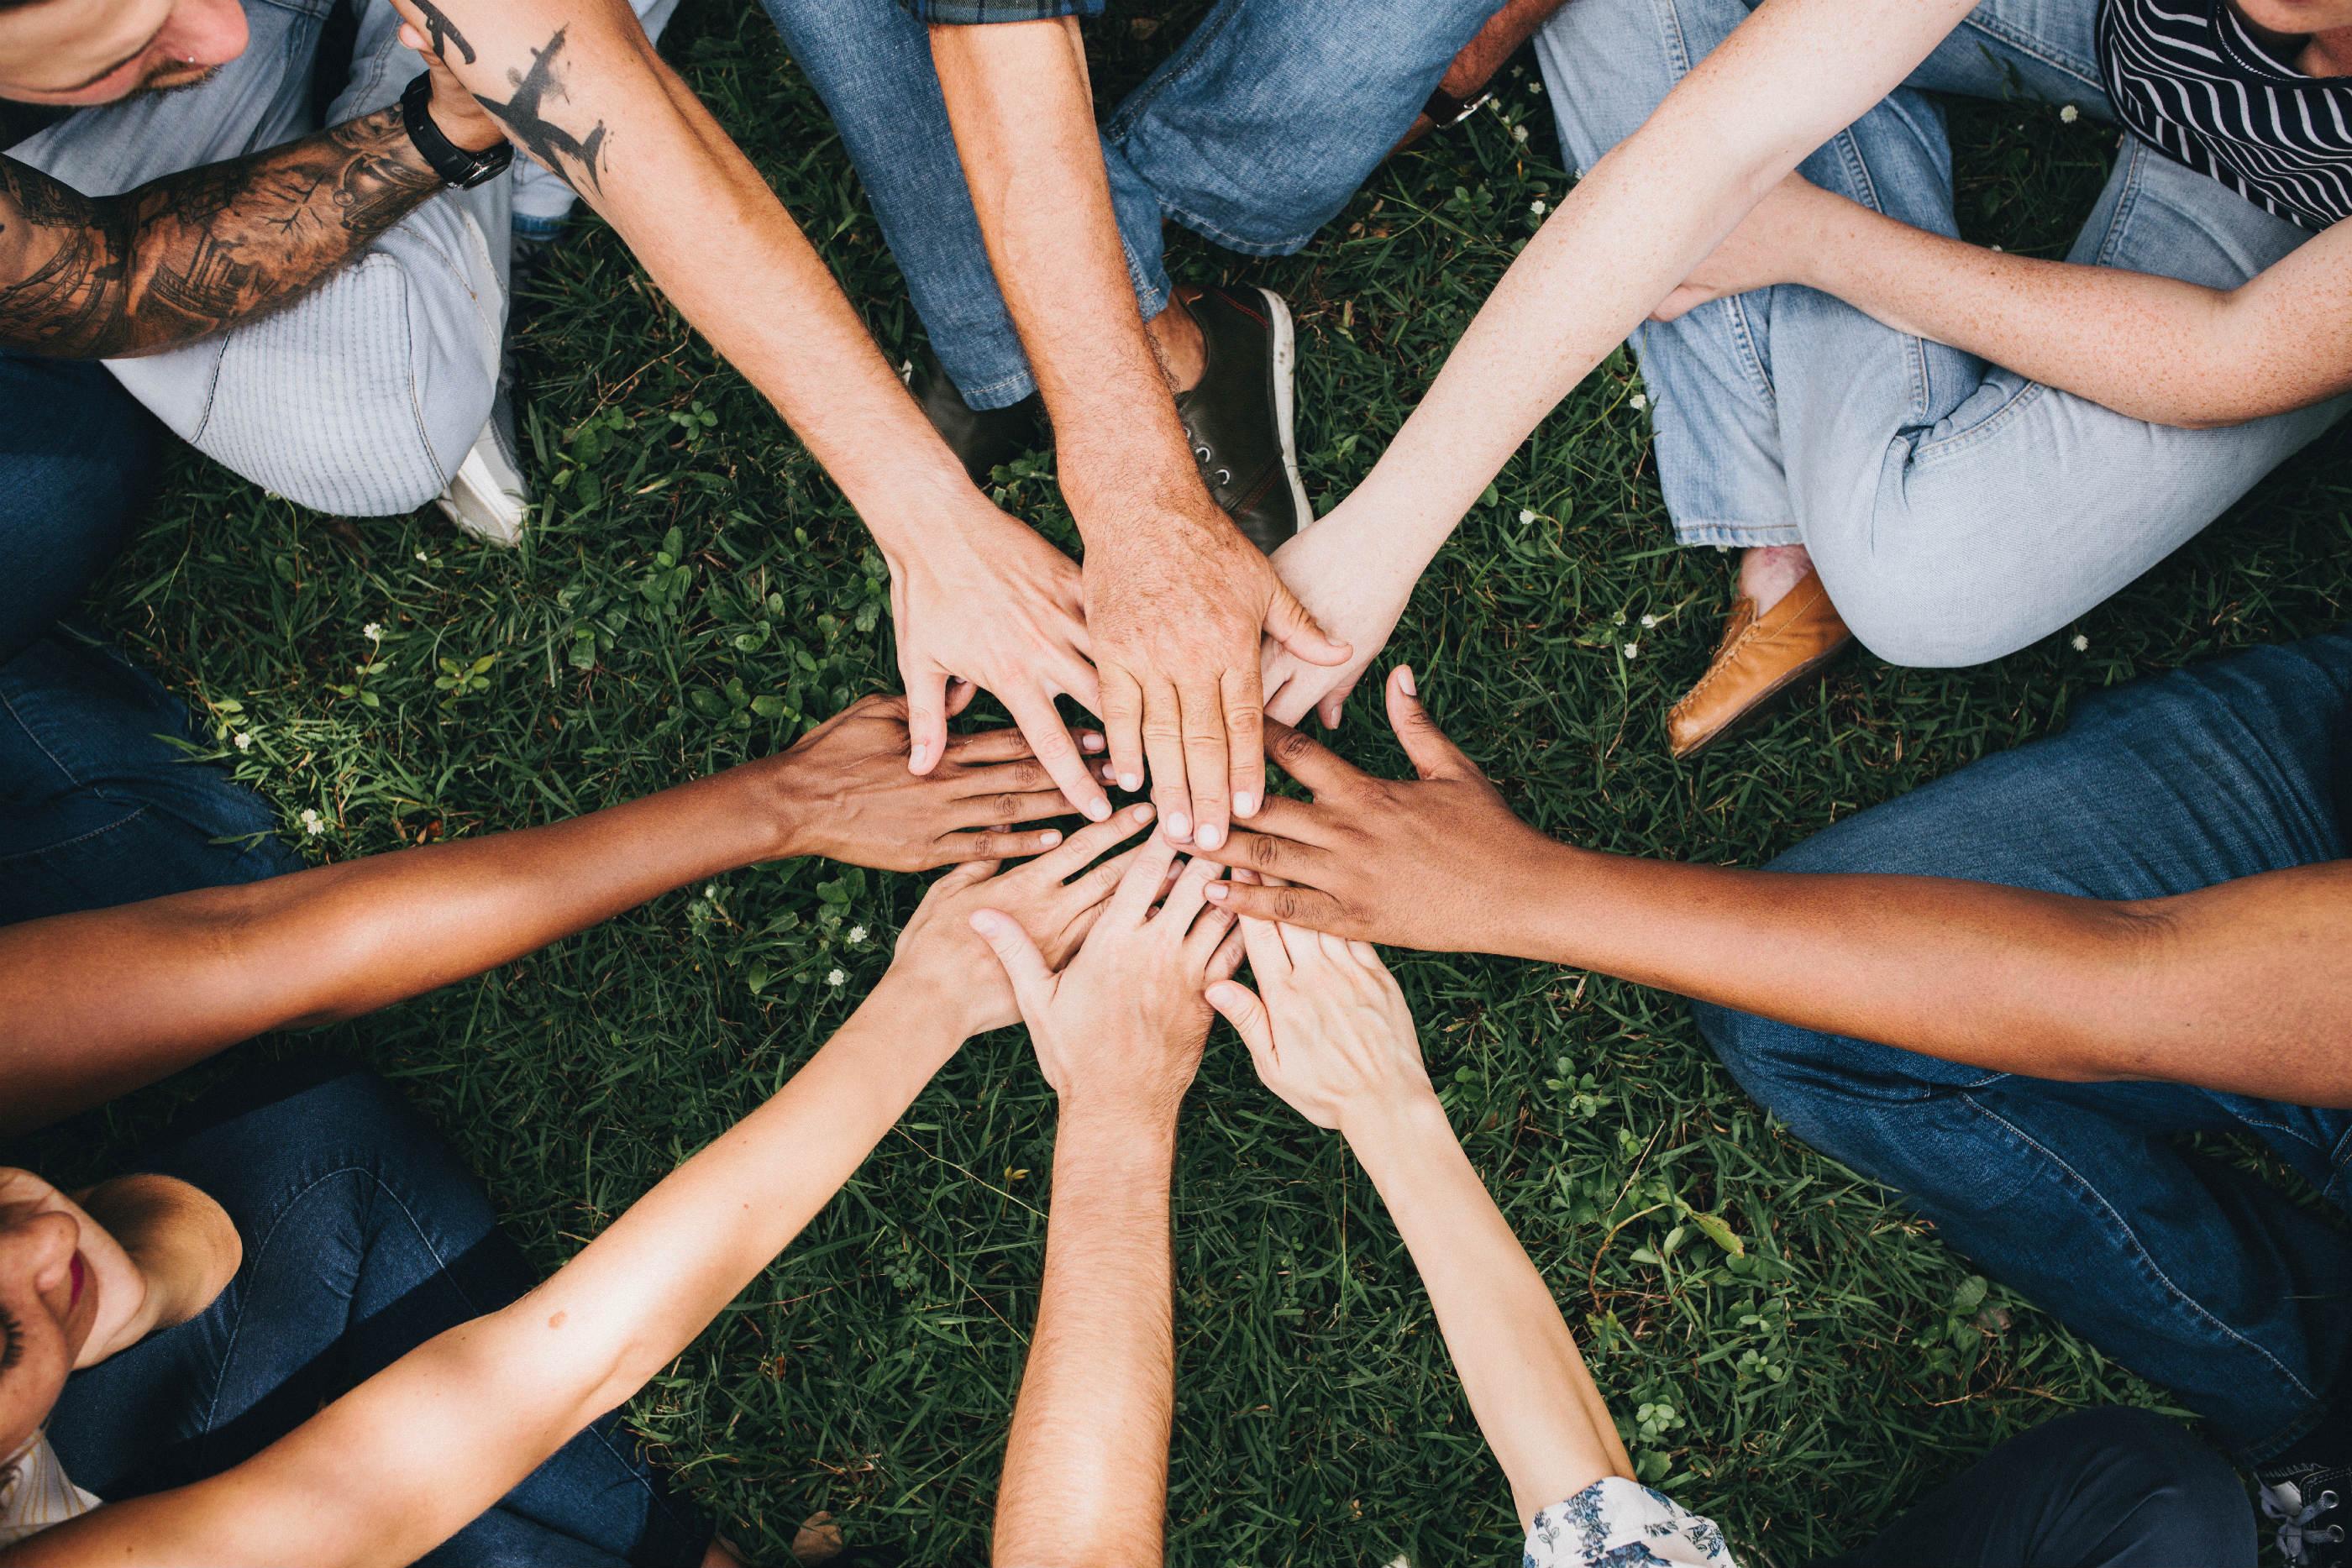 Gestão e desenvolvimento de pessoas: veja dicas para motivar e engajar sua equipe